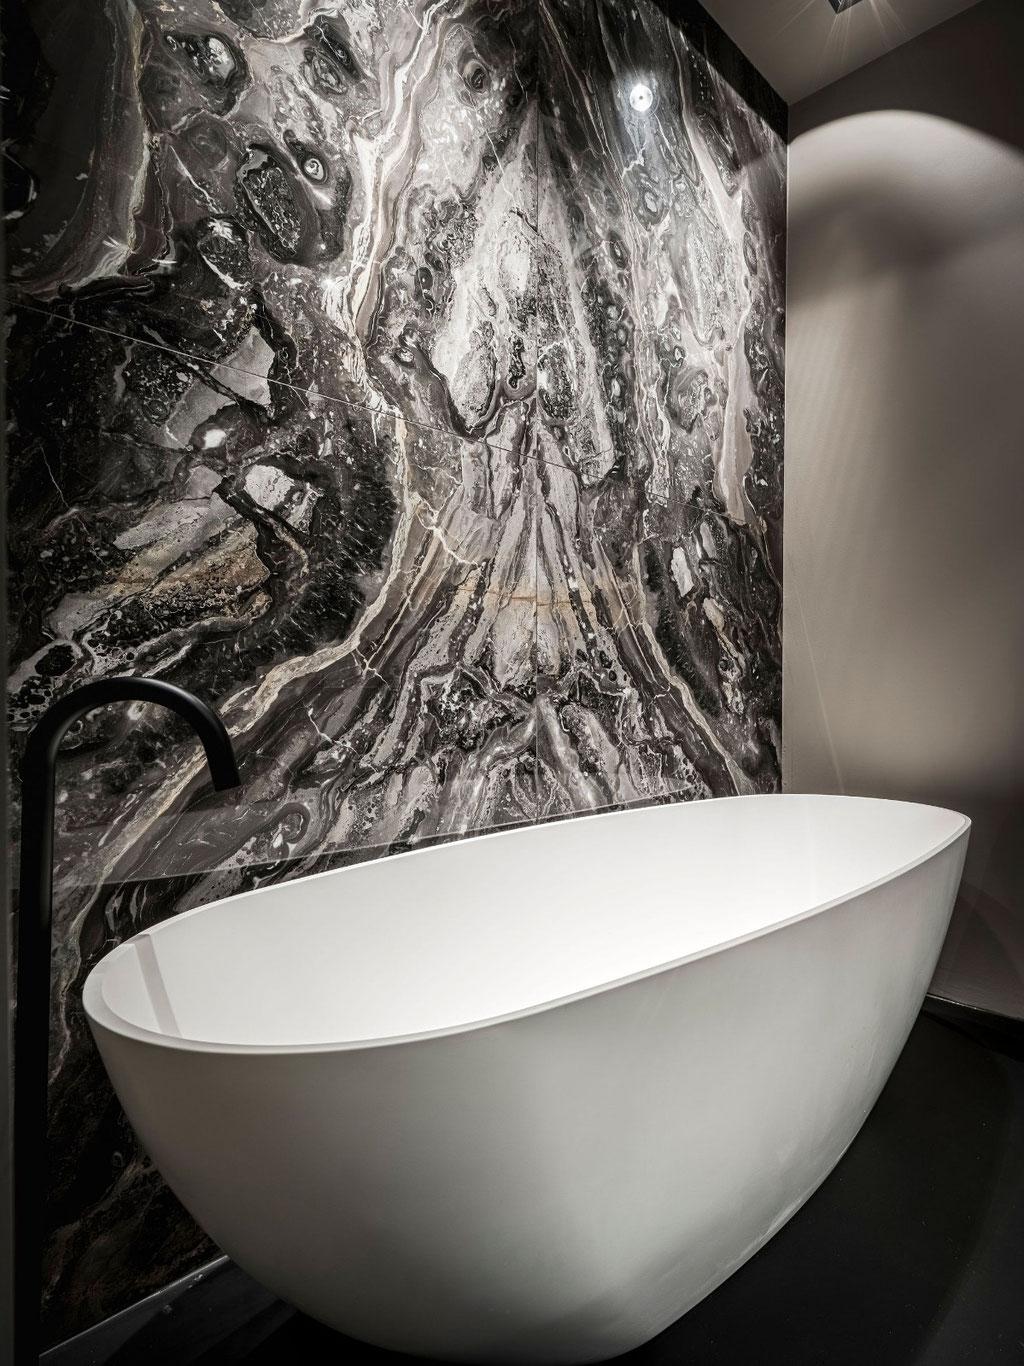 Grigio Orobic marble bathroom